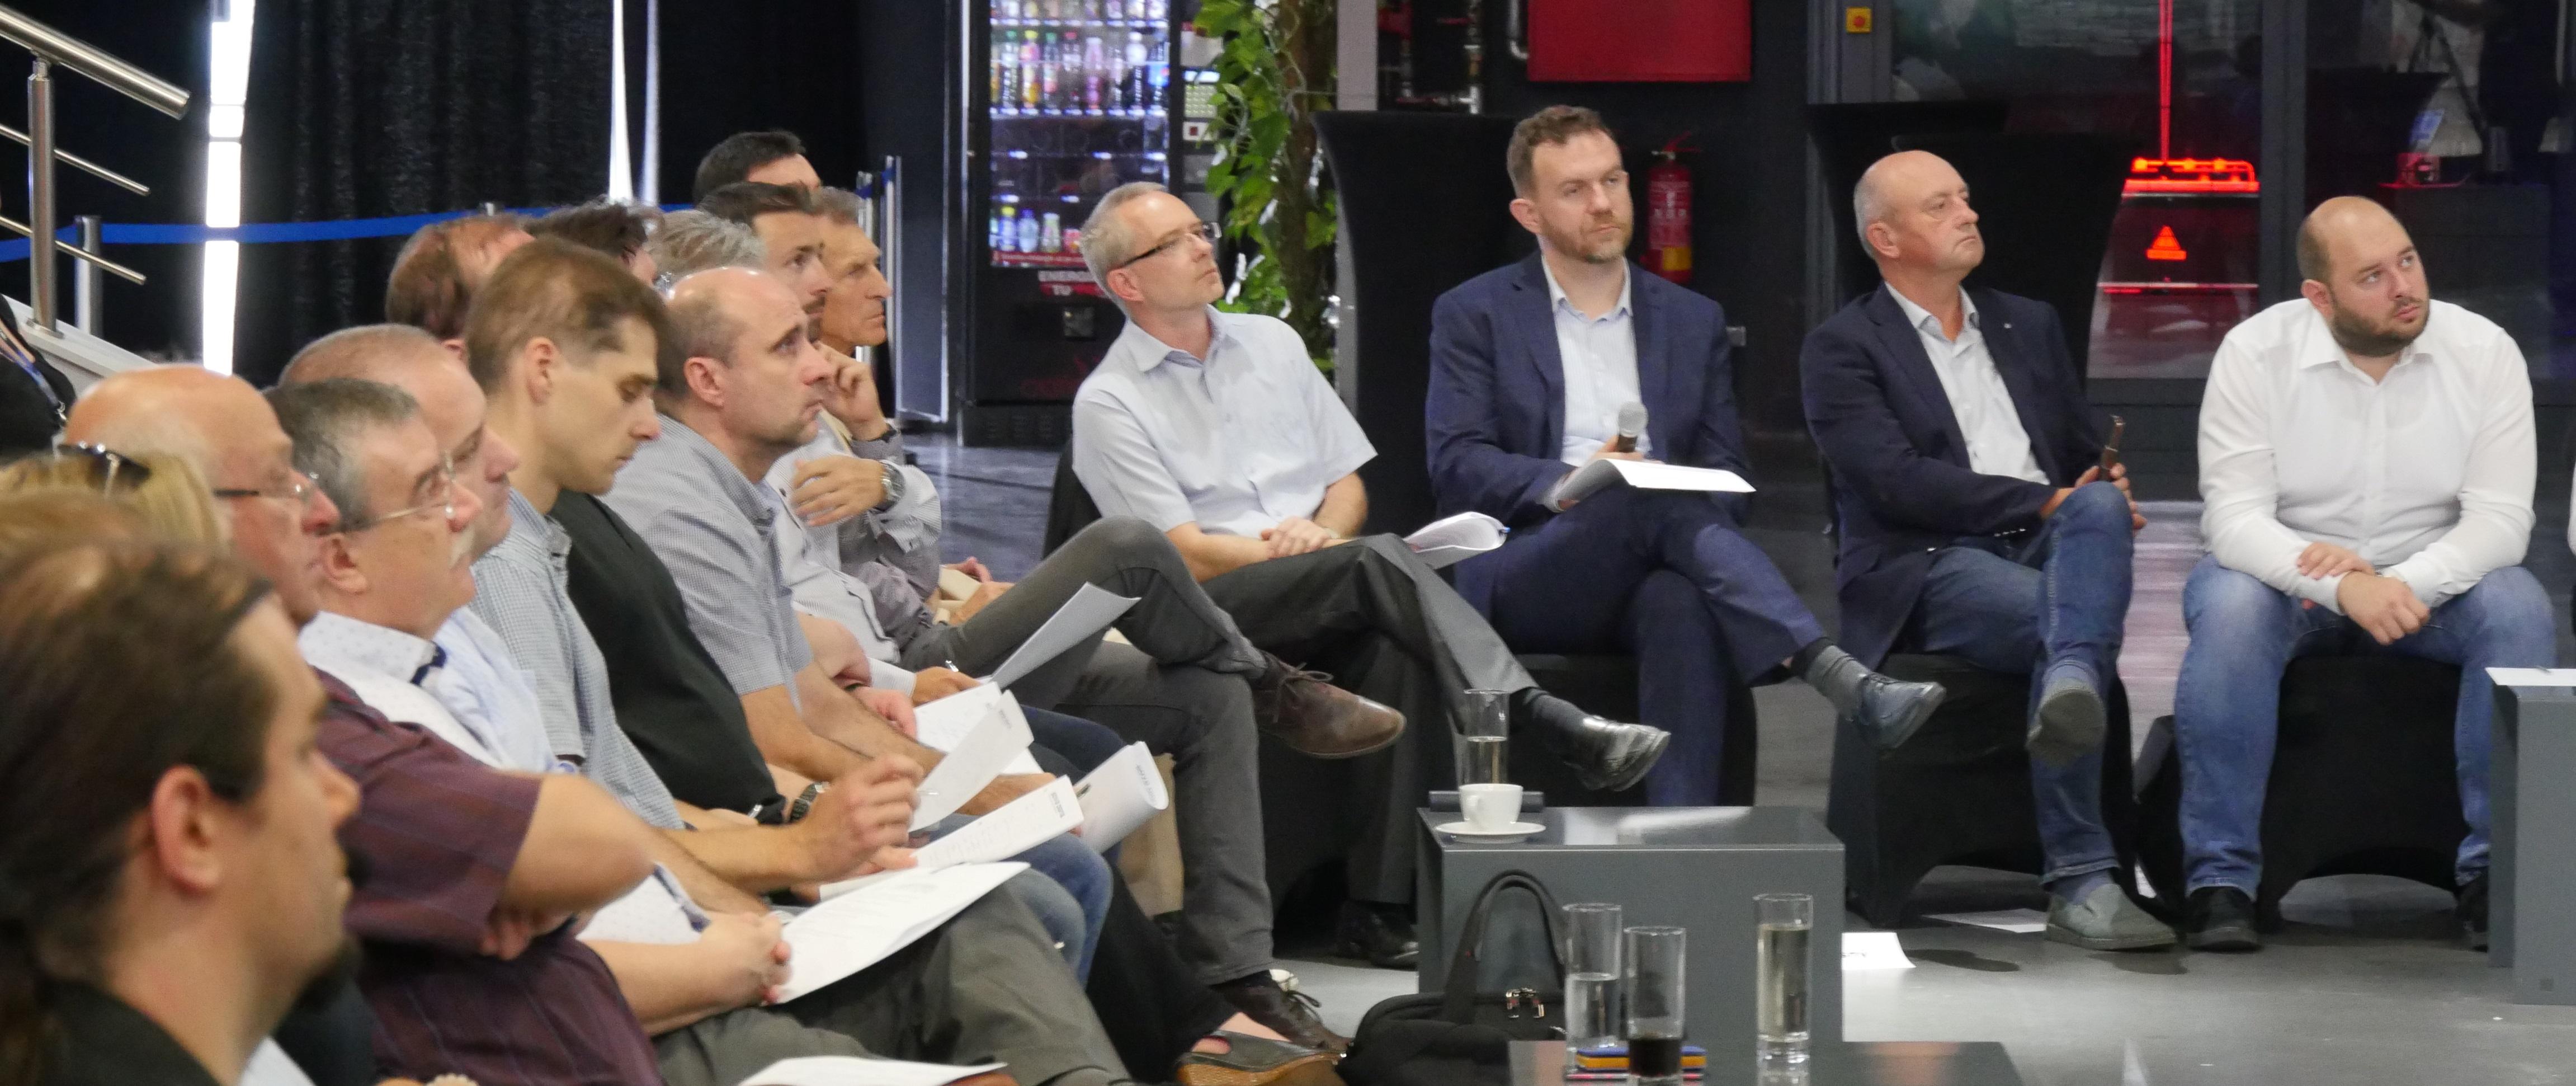 Industry4UM: Rozhodujúcim faktorom priemyselnej transformácie je človek, nie technológie